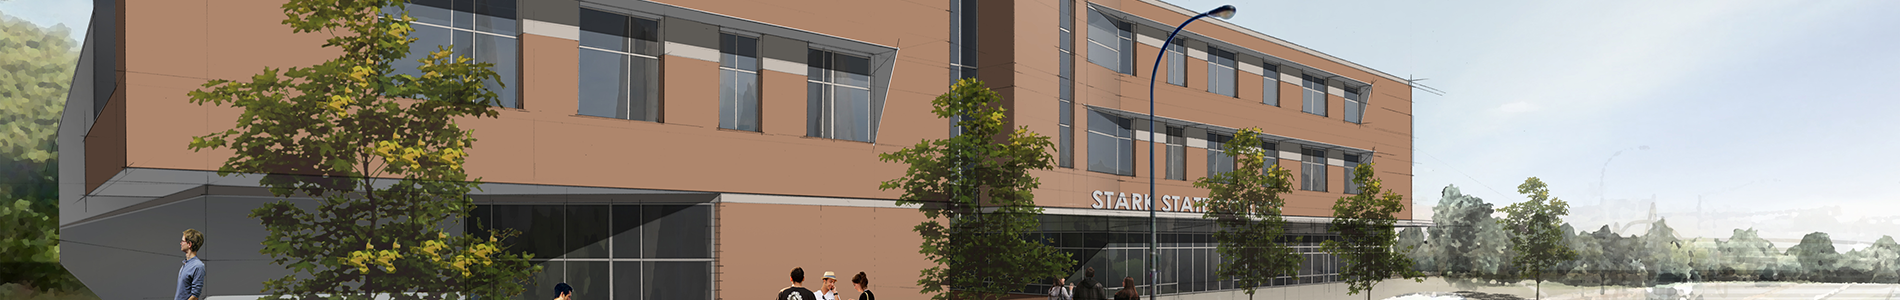 Akron rendering header image